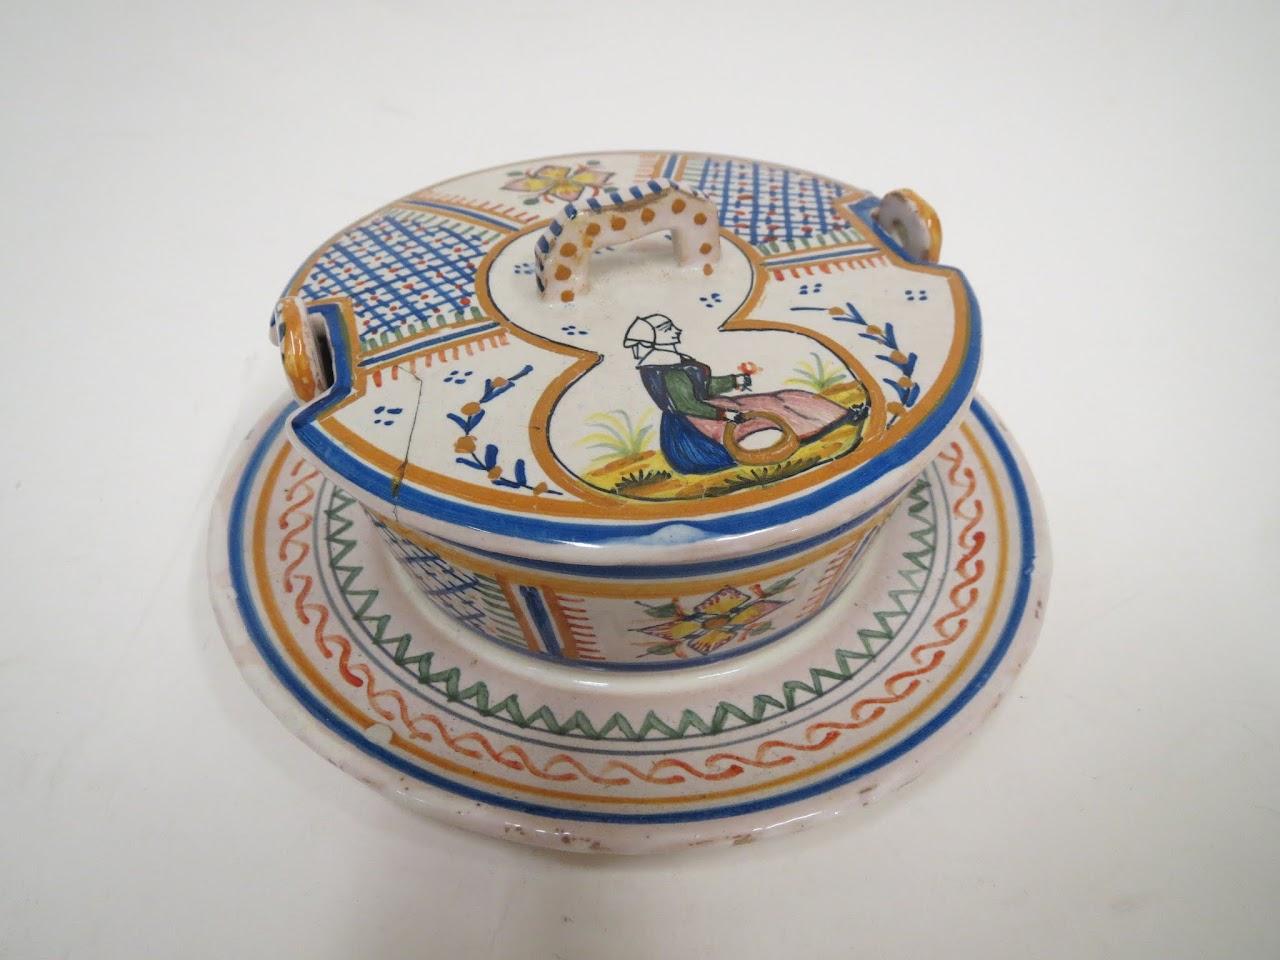 Henriot Quimper Sugar Dish